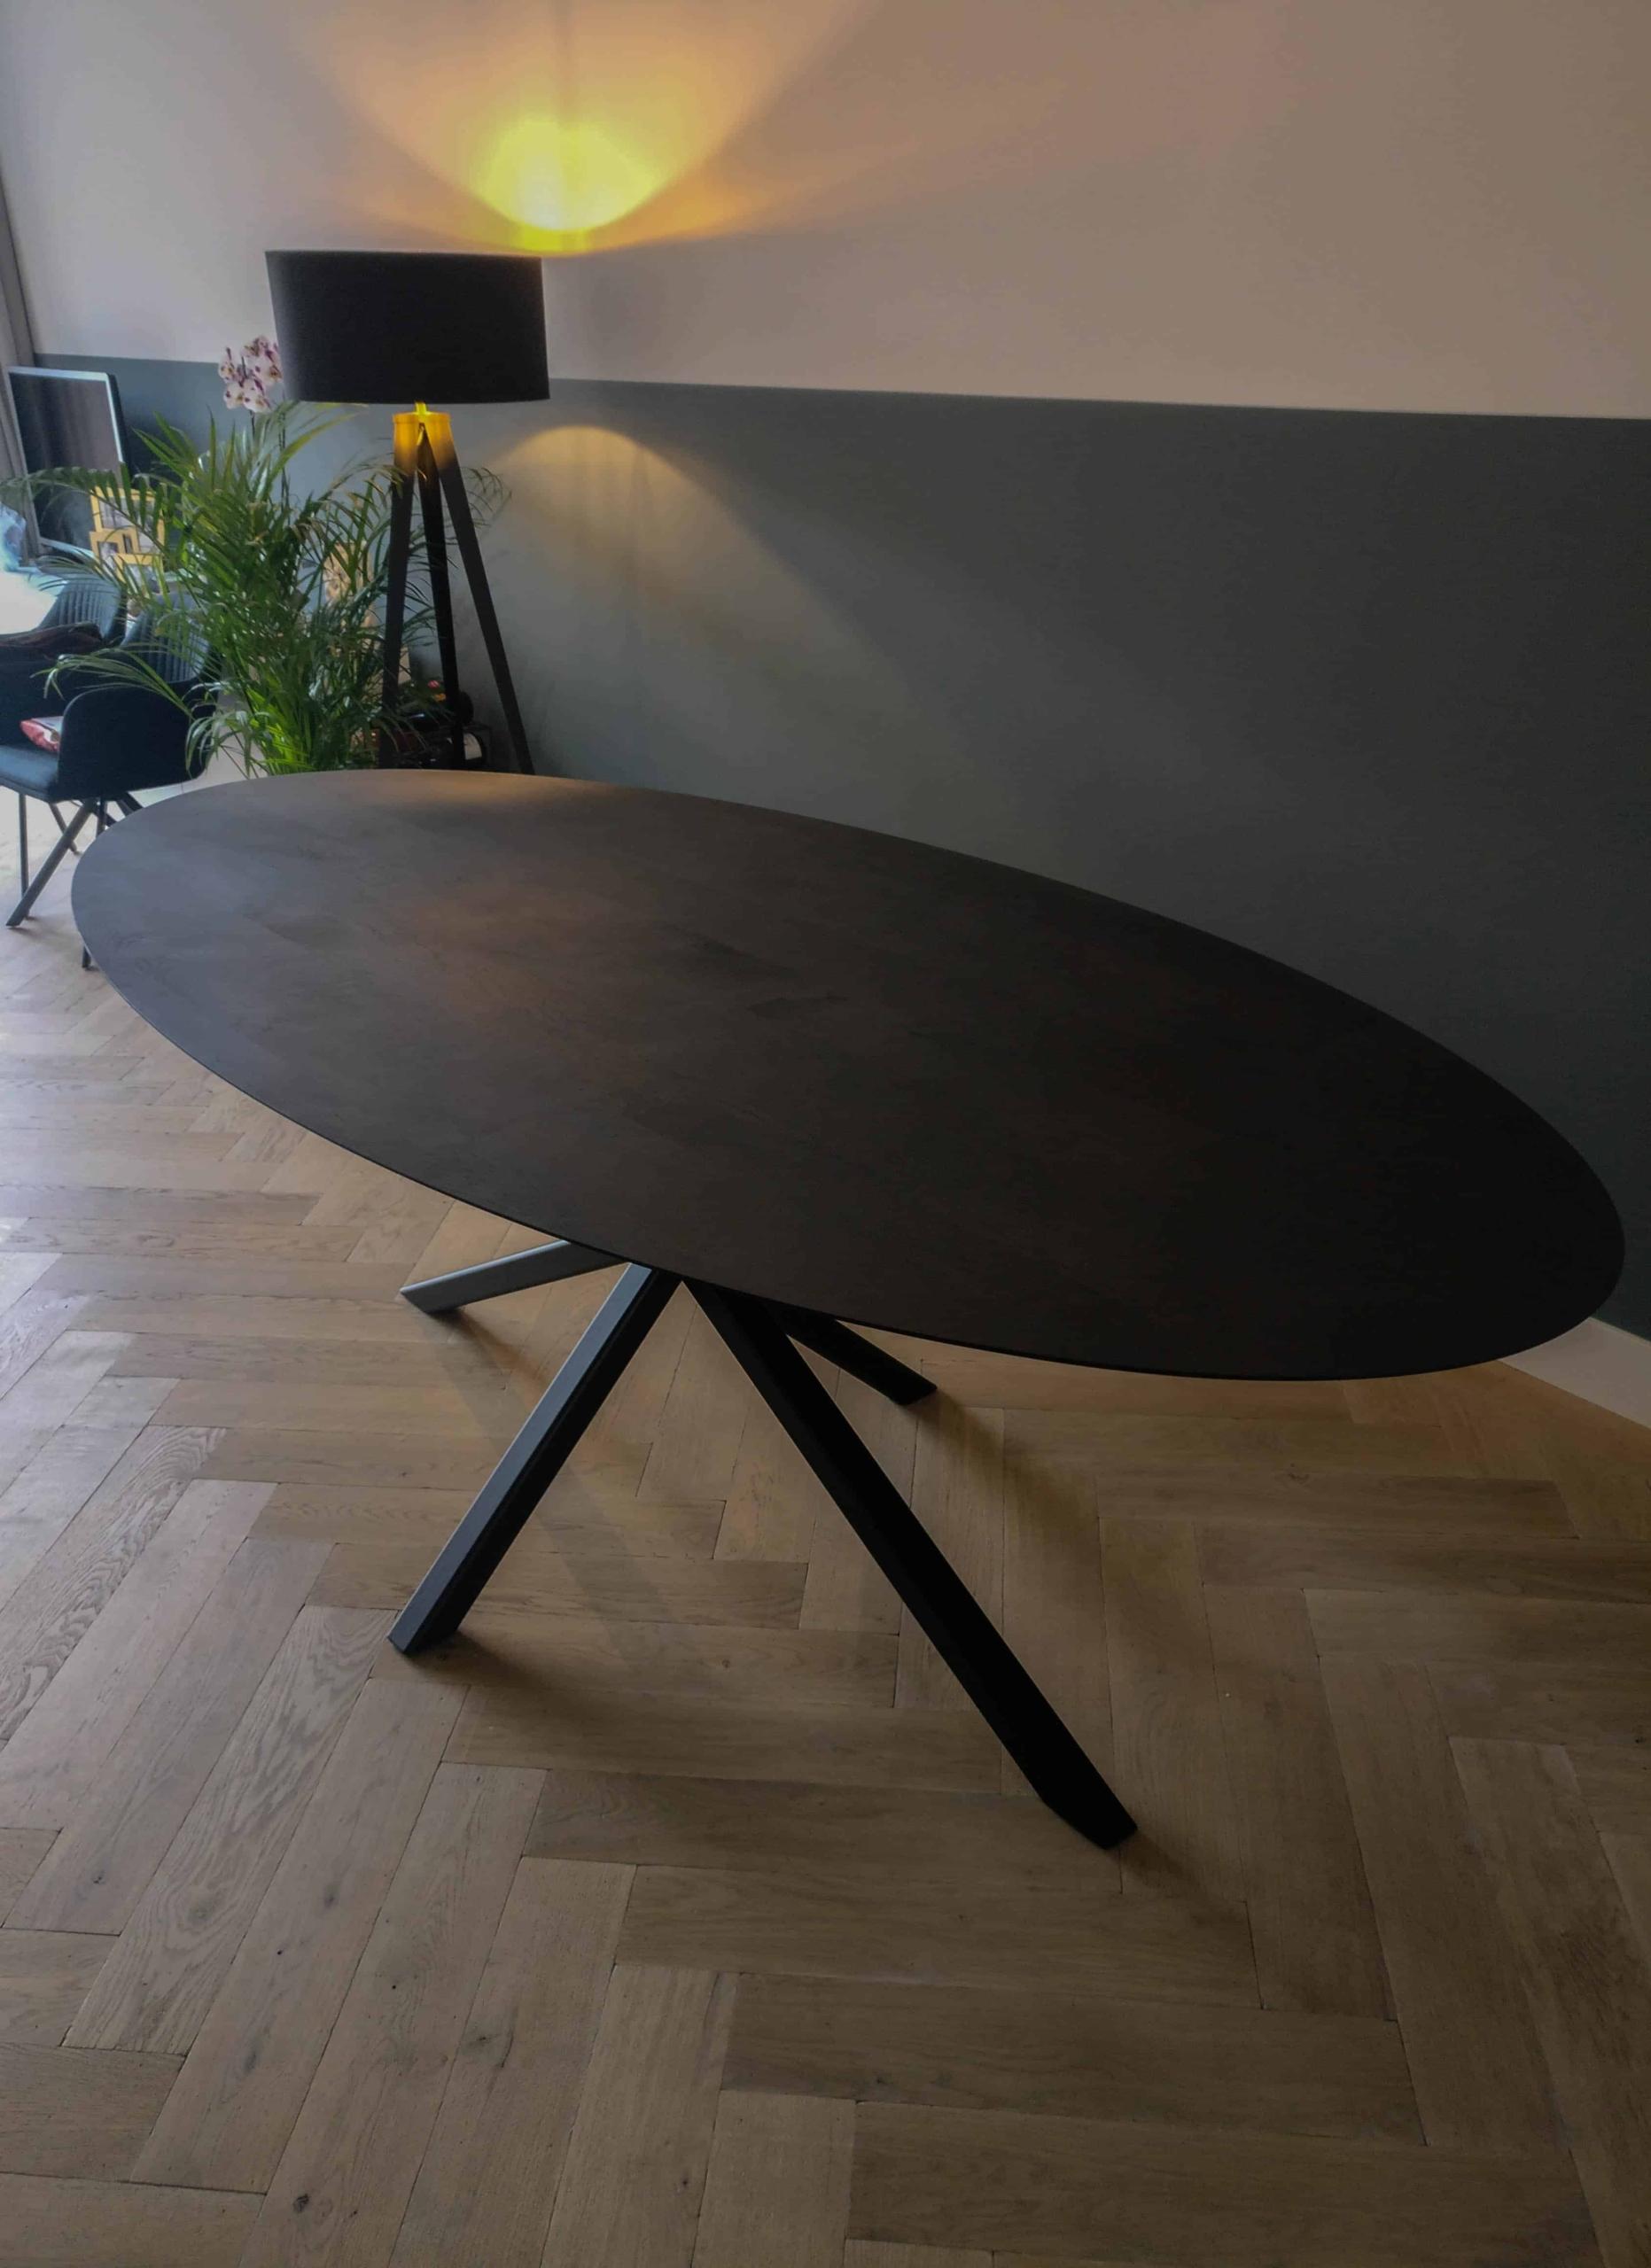 Ovale tafel schuine rand